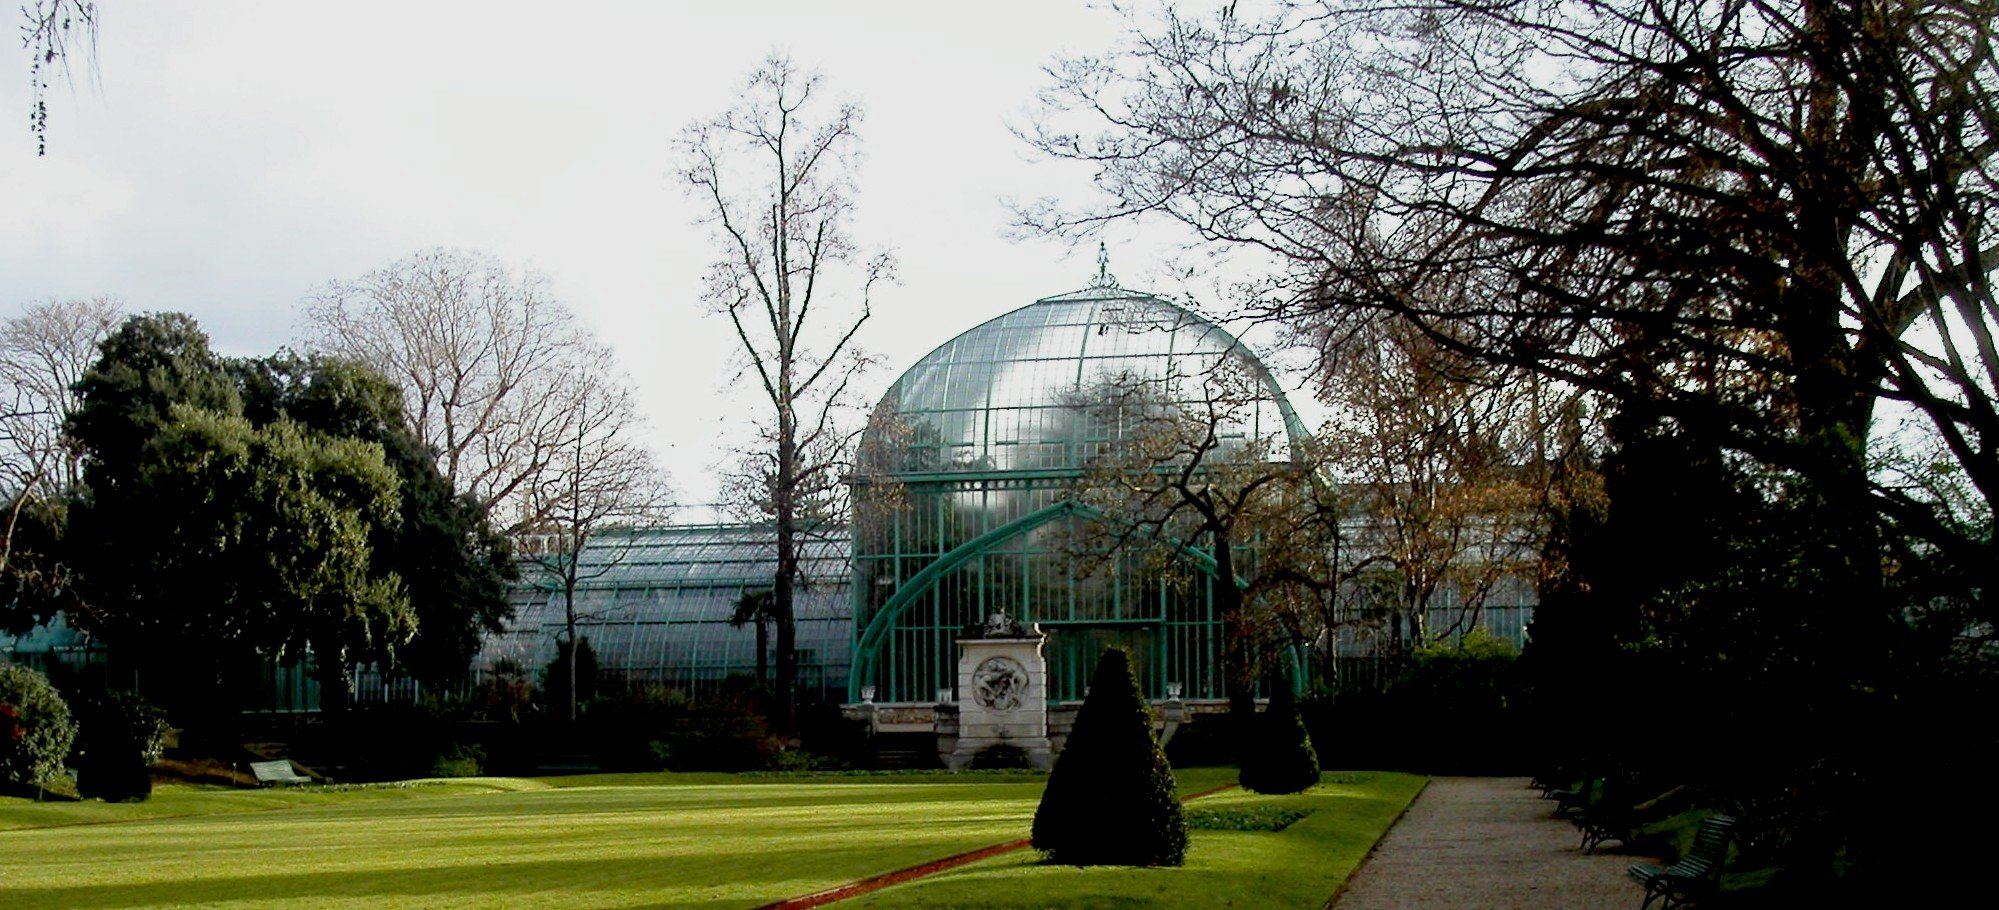 0 nos rendez vous visite guid e des parcs jardins et for Jardin 0 l4anglaise